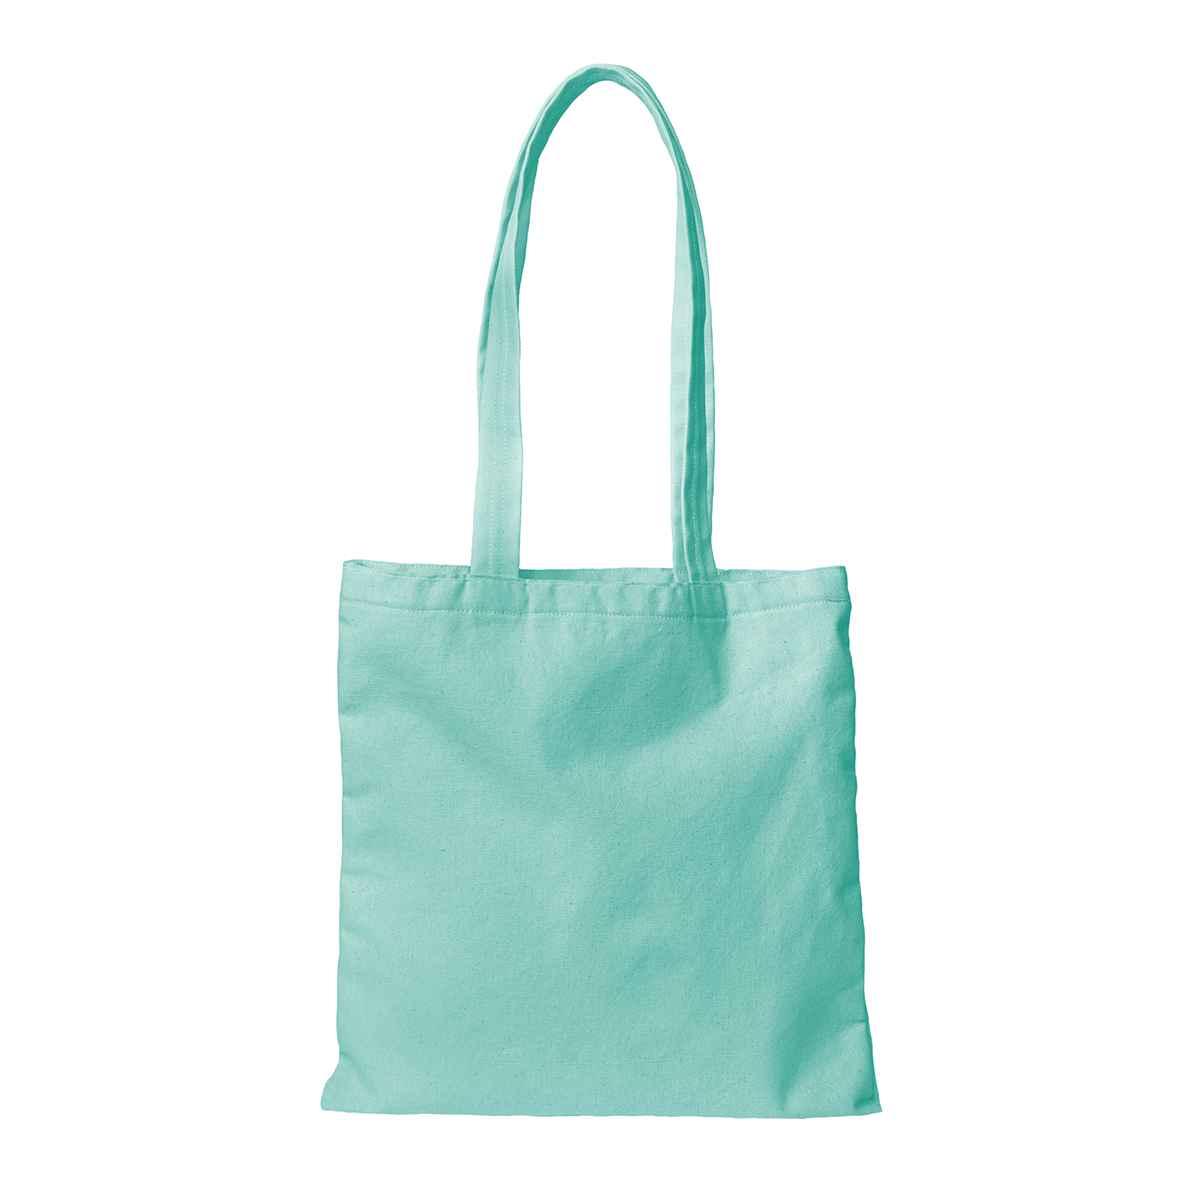 225001 turquoise